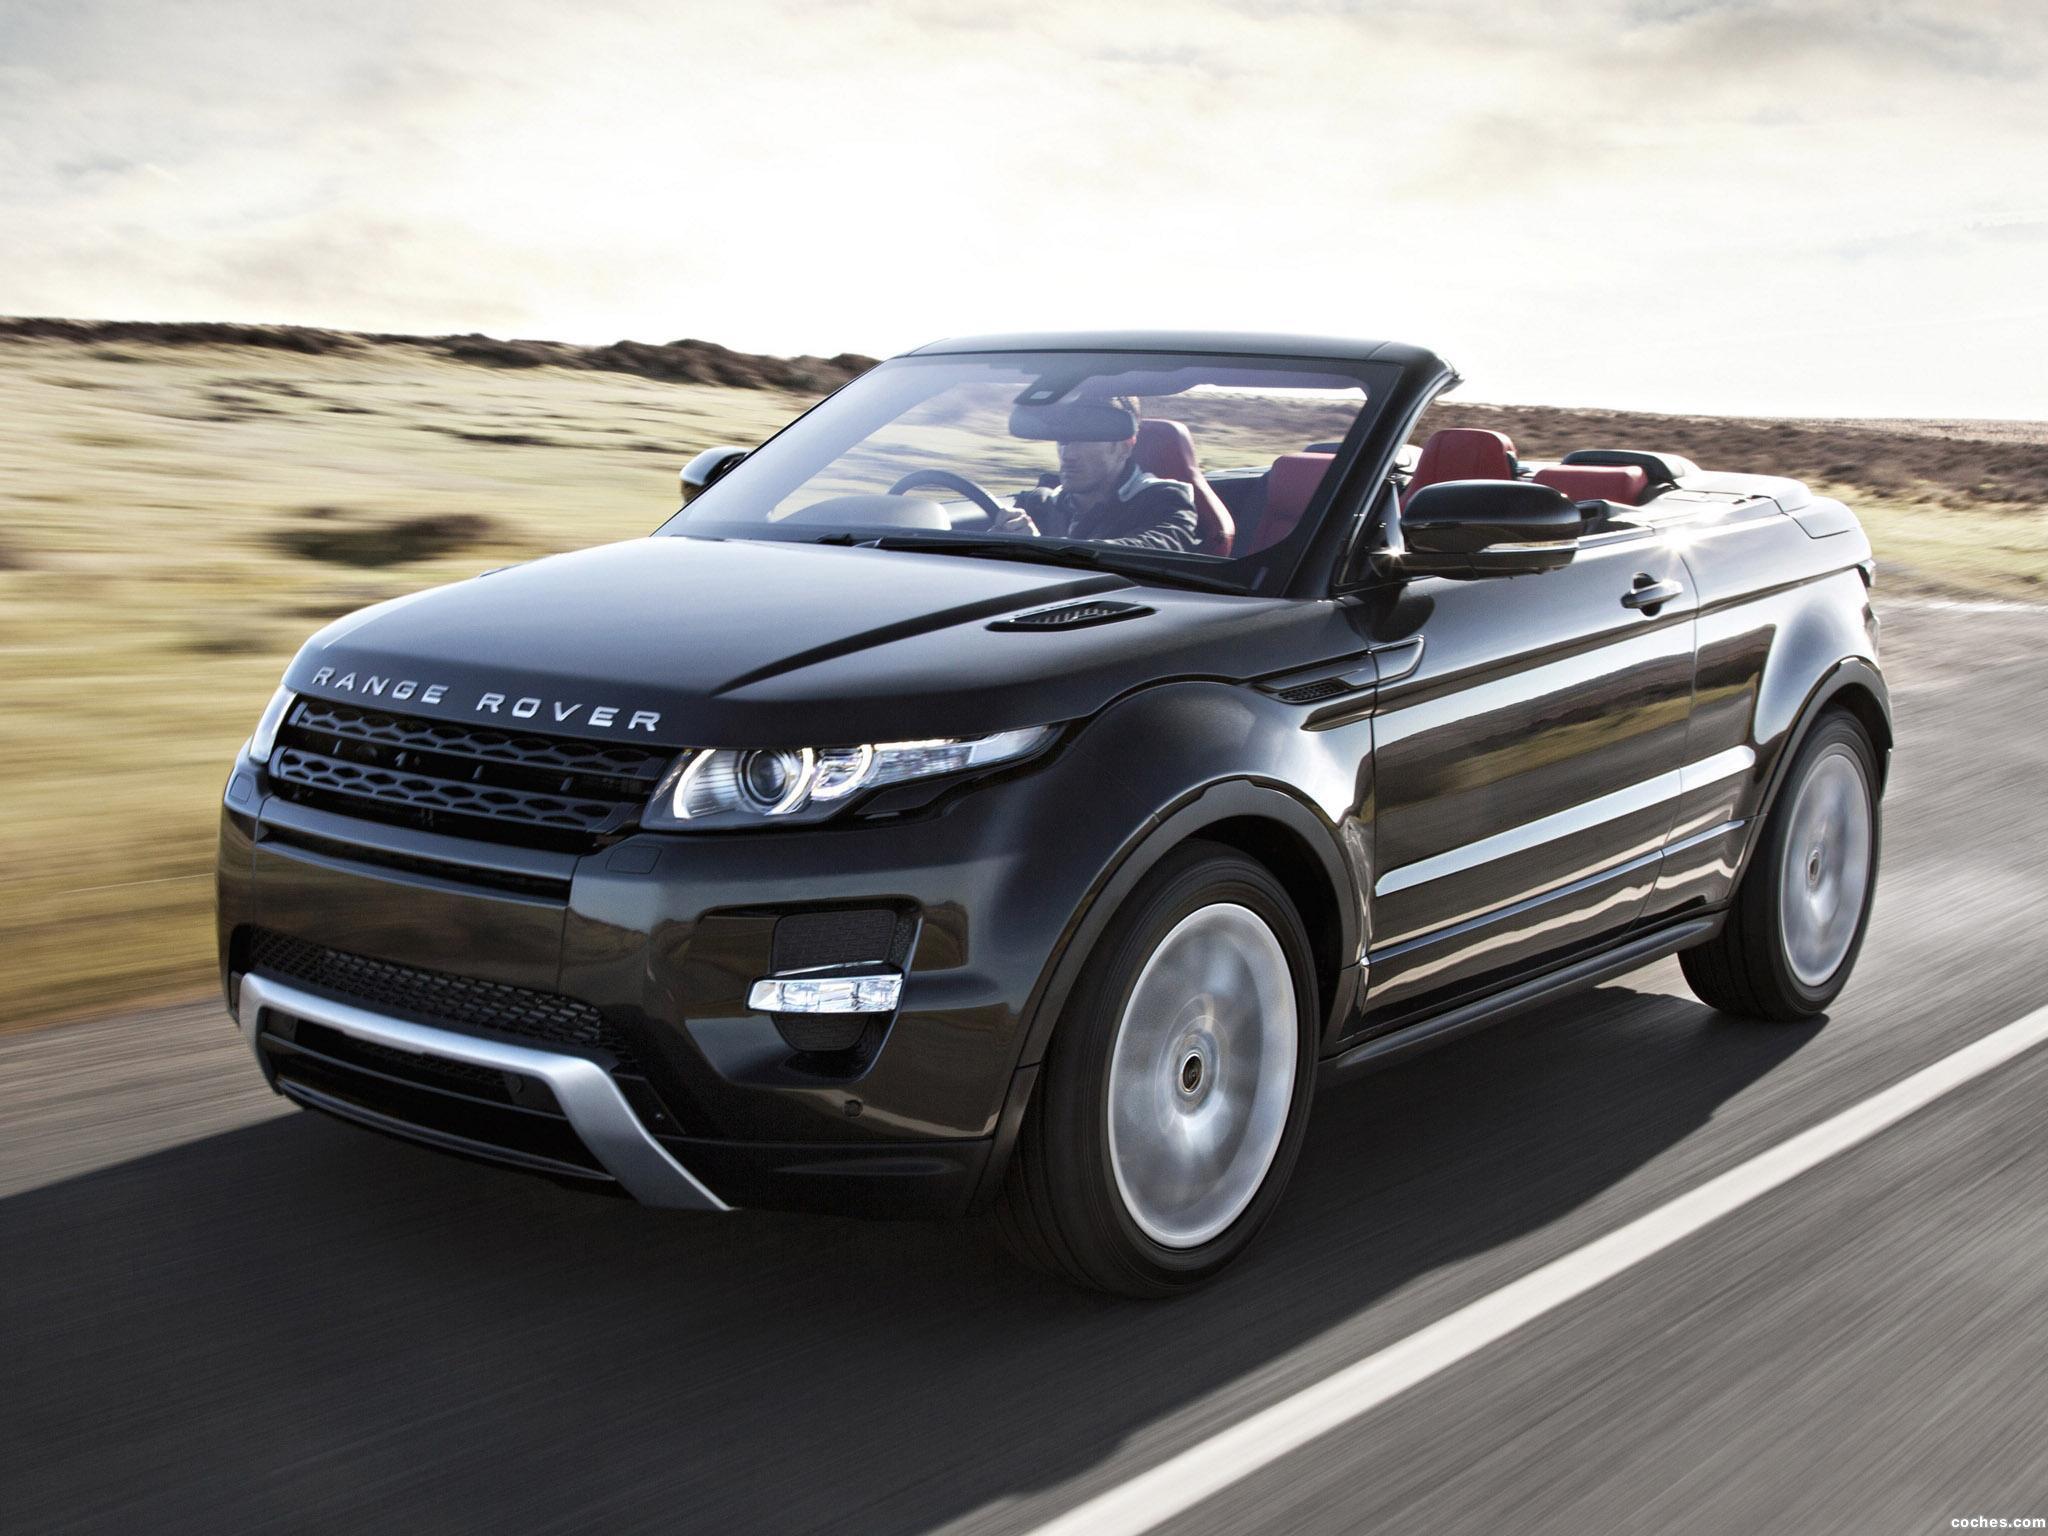 Foto 14 de Land Rover Range Rover Evoque Convertible Concept 2012